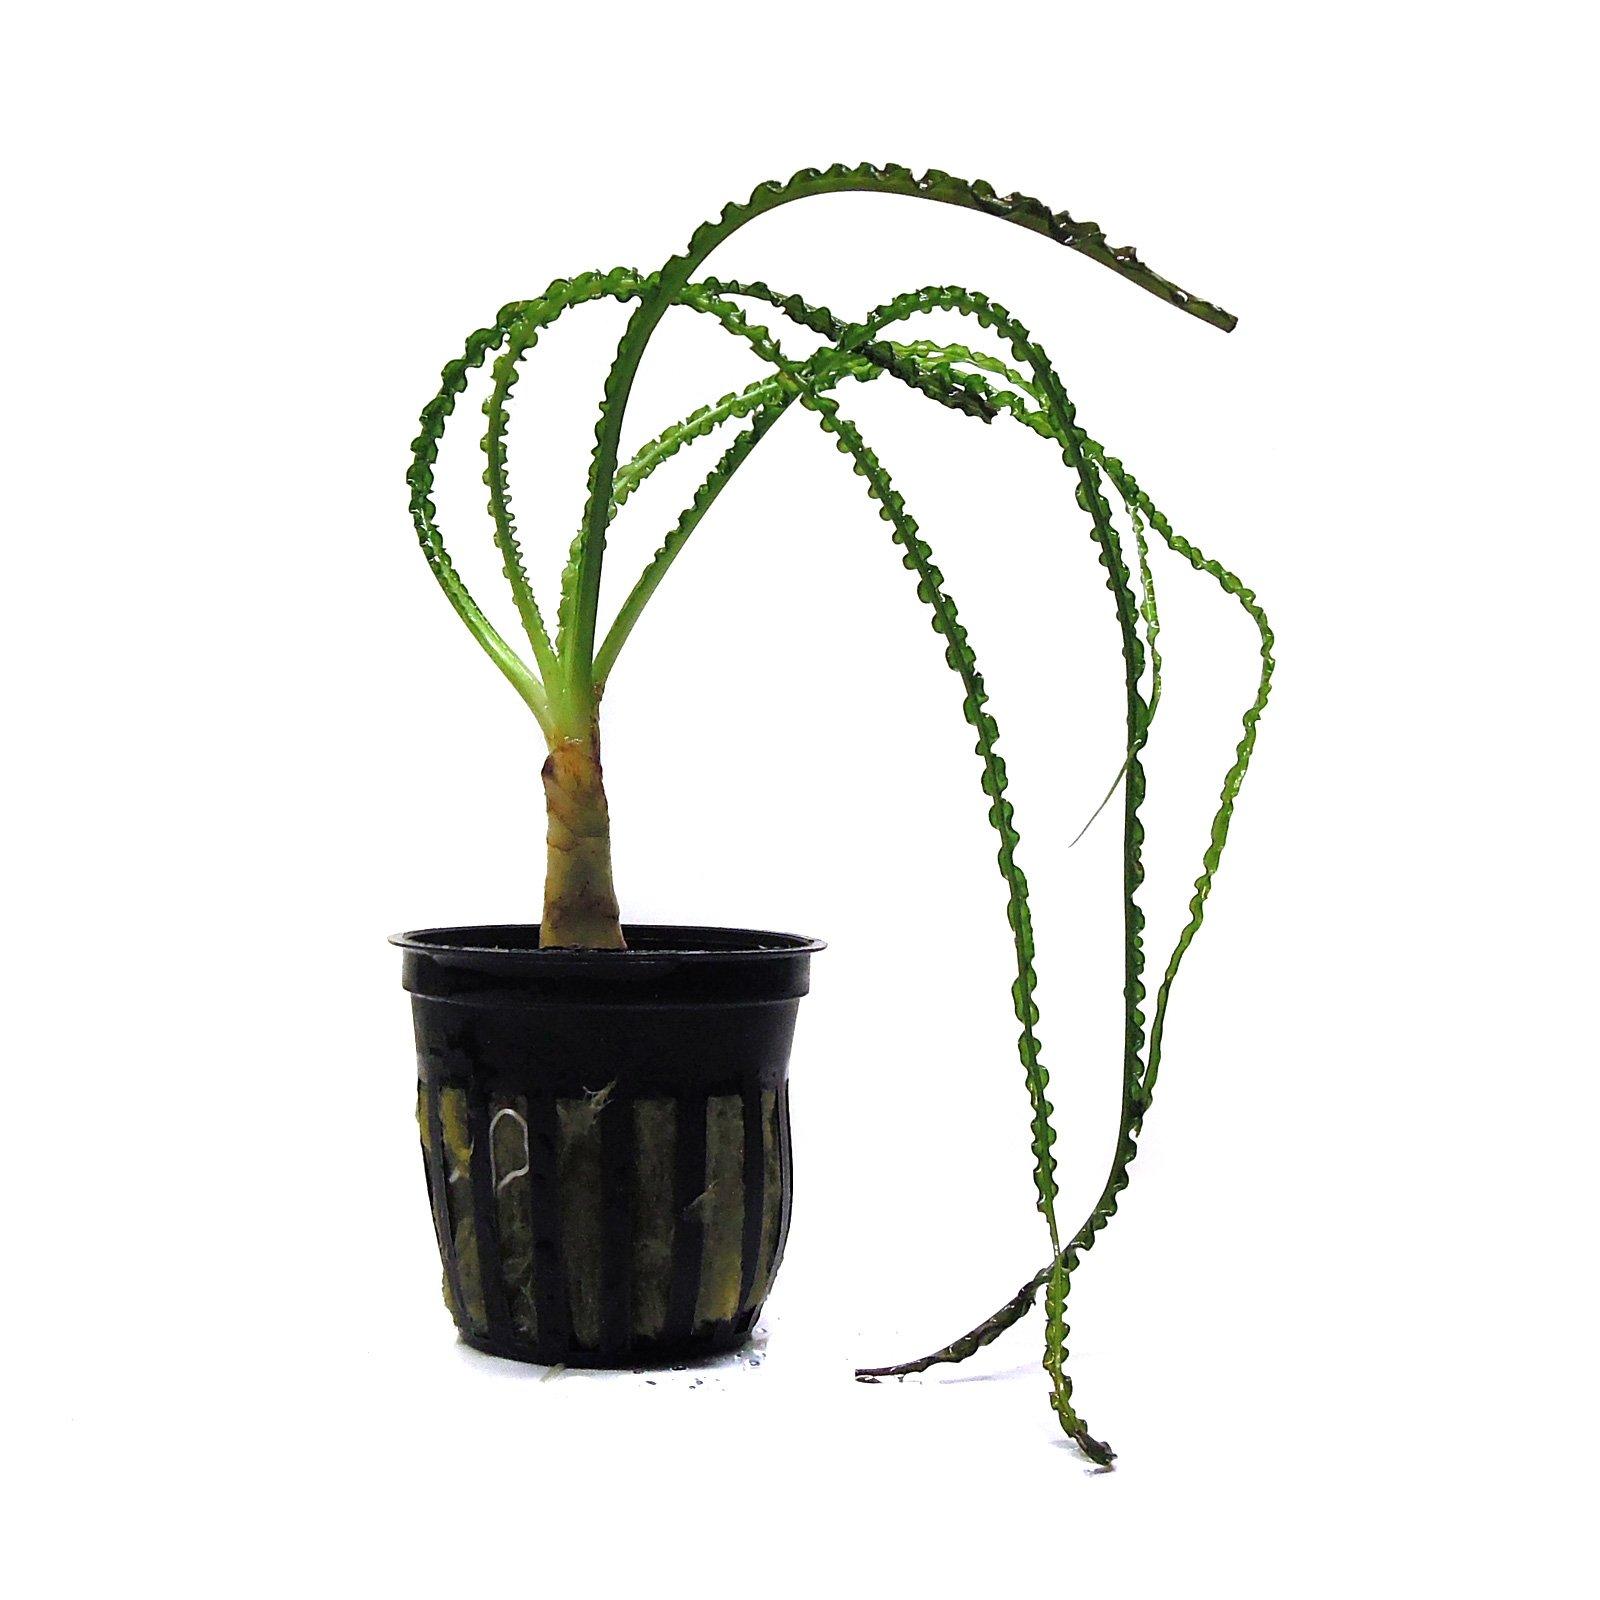 SubstrateSource Crinum calamistratum Small African Onion Live Aquarium Plant